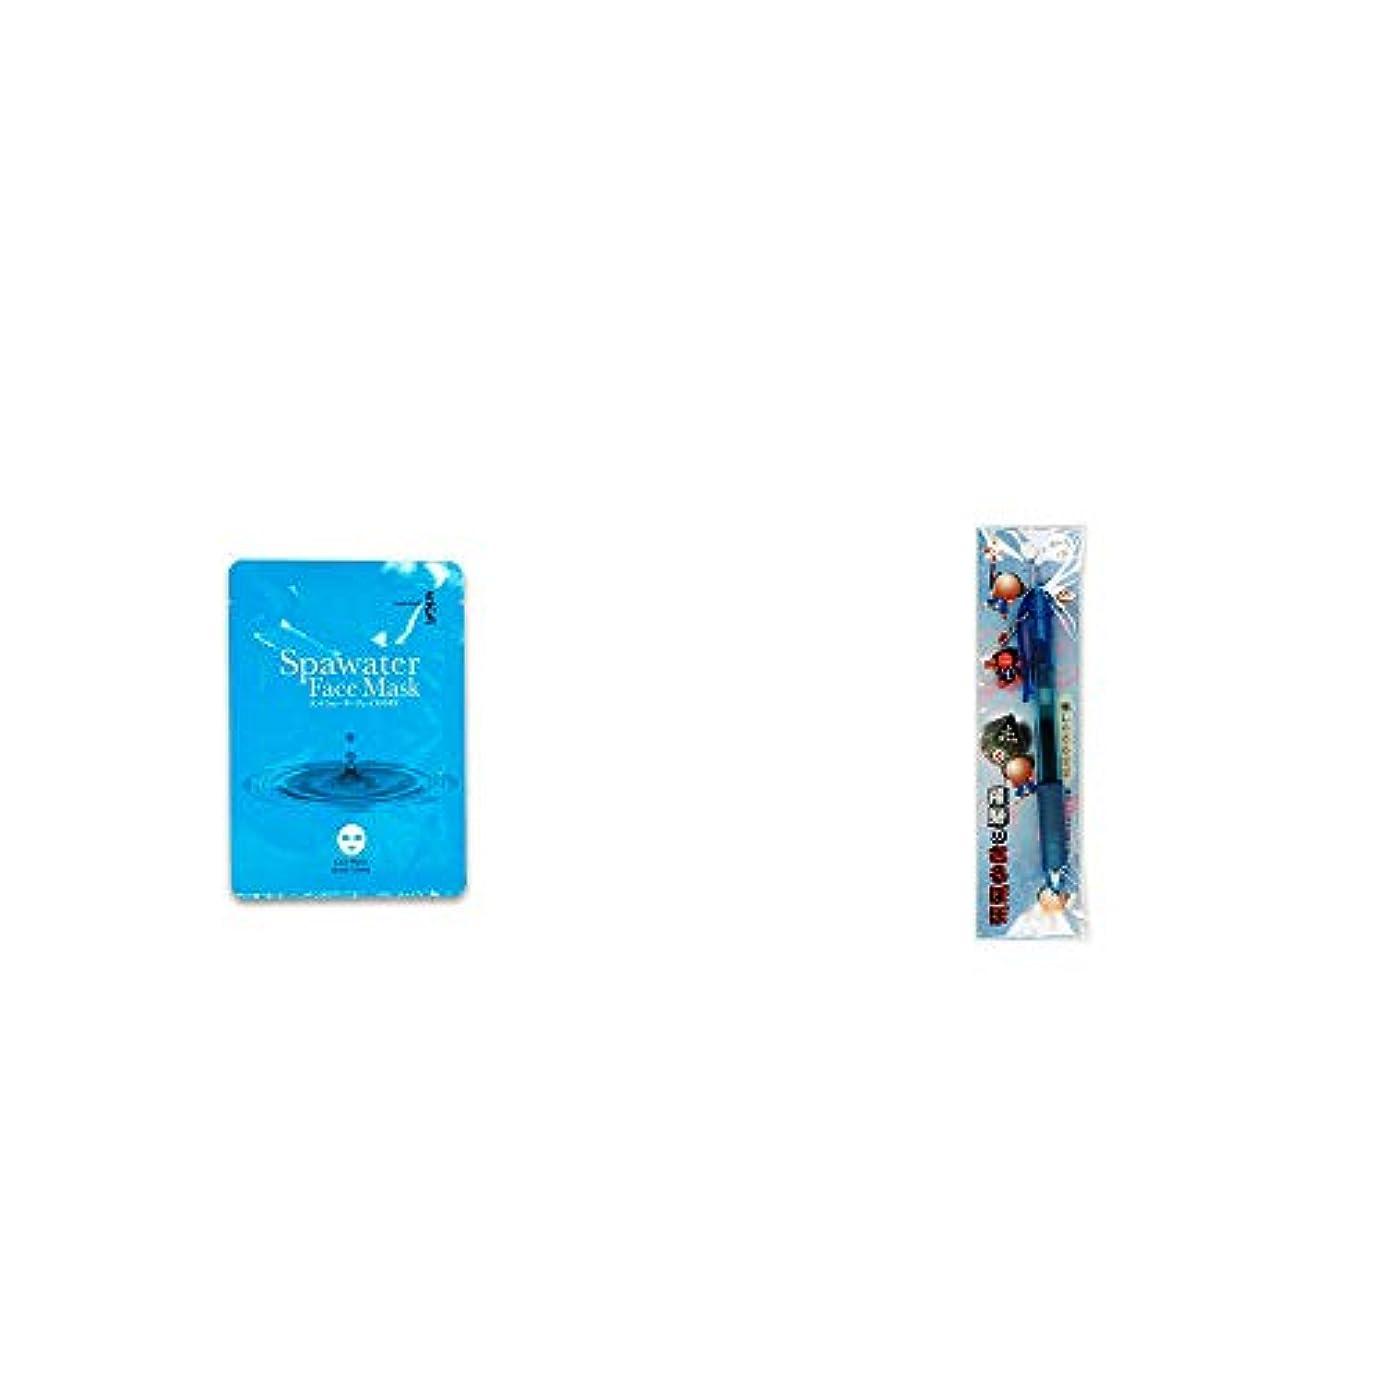 味方見通しありがたい[2点セット] ひのき炭黒泉 スパウォーターフェイスマスク(18ml×3枚入)・さるぼぼ 癒しボールペン 【ブルー】